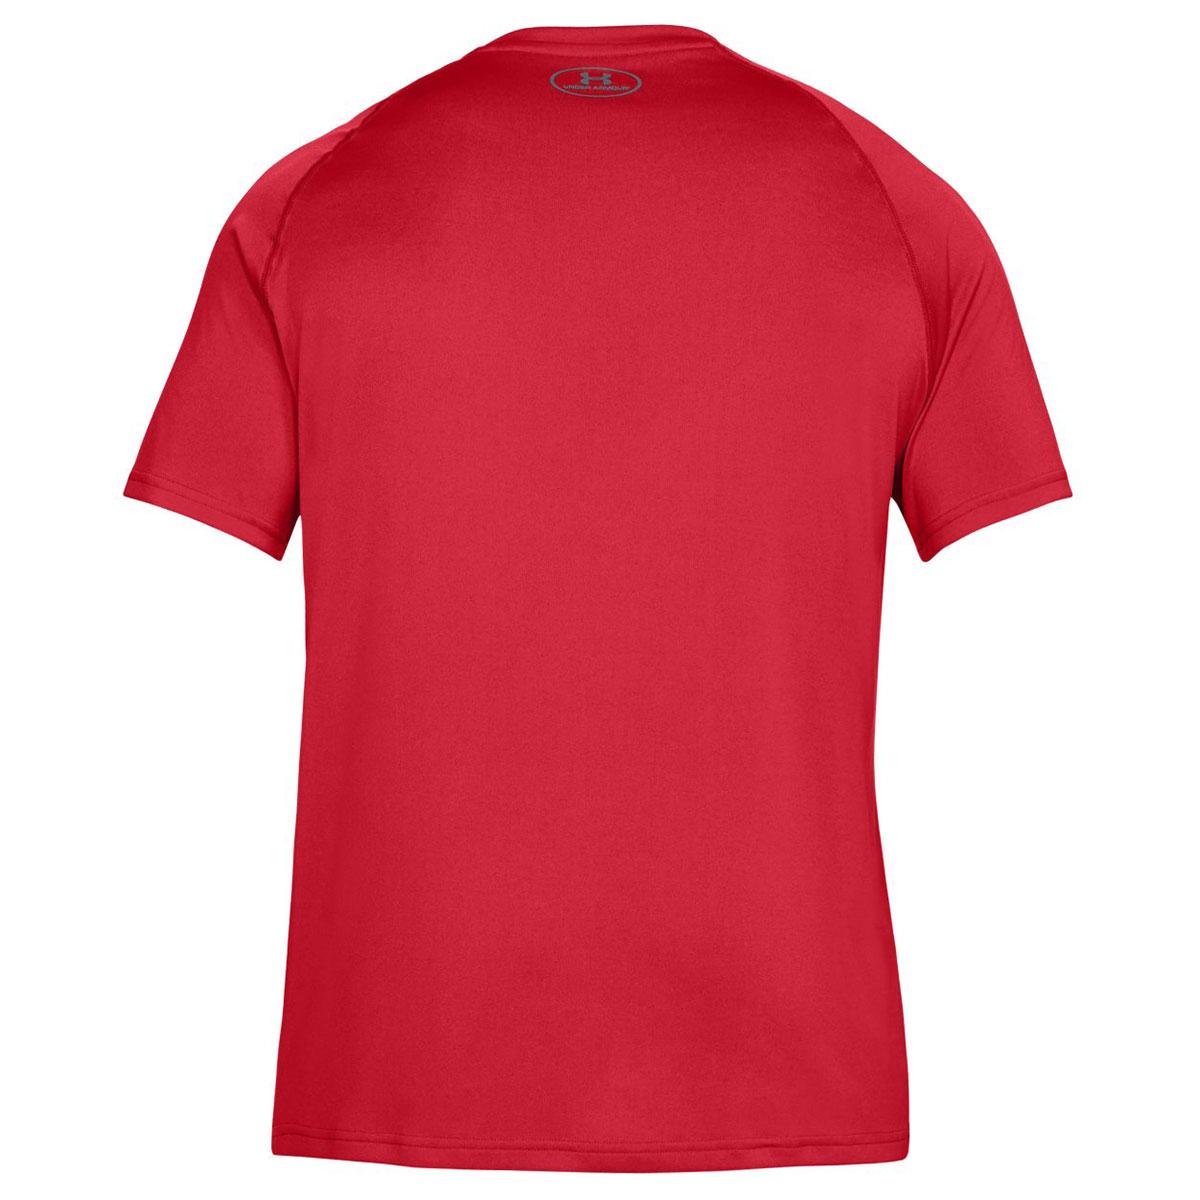 Under-Armour-Mens-UA-Tech-SS-T-Shirt-HeatGear-Training-Tee-31-OFF-RRP